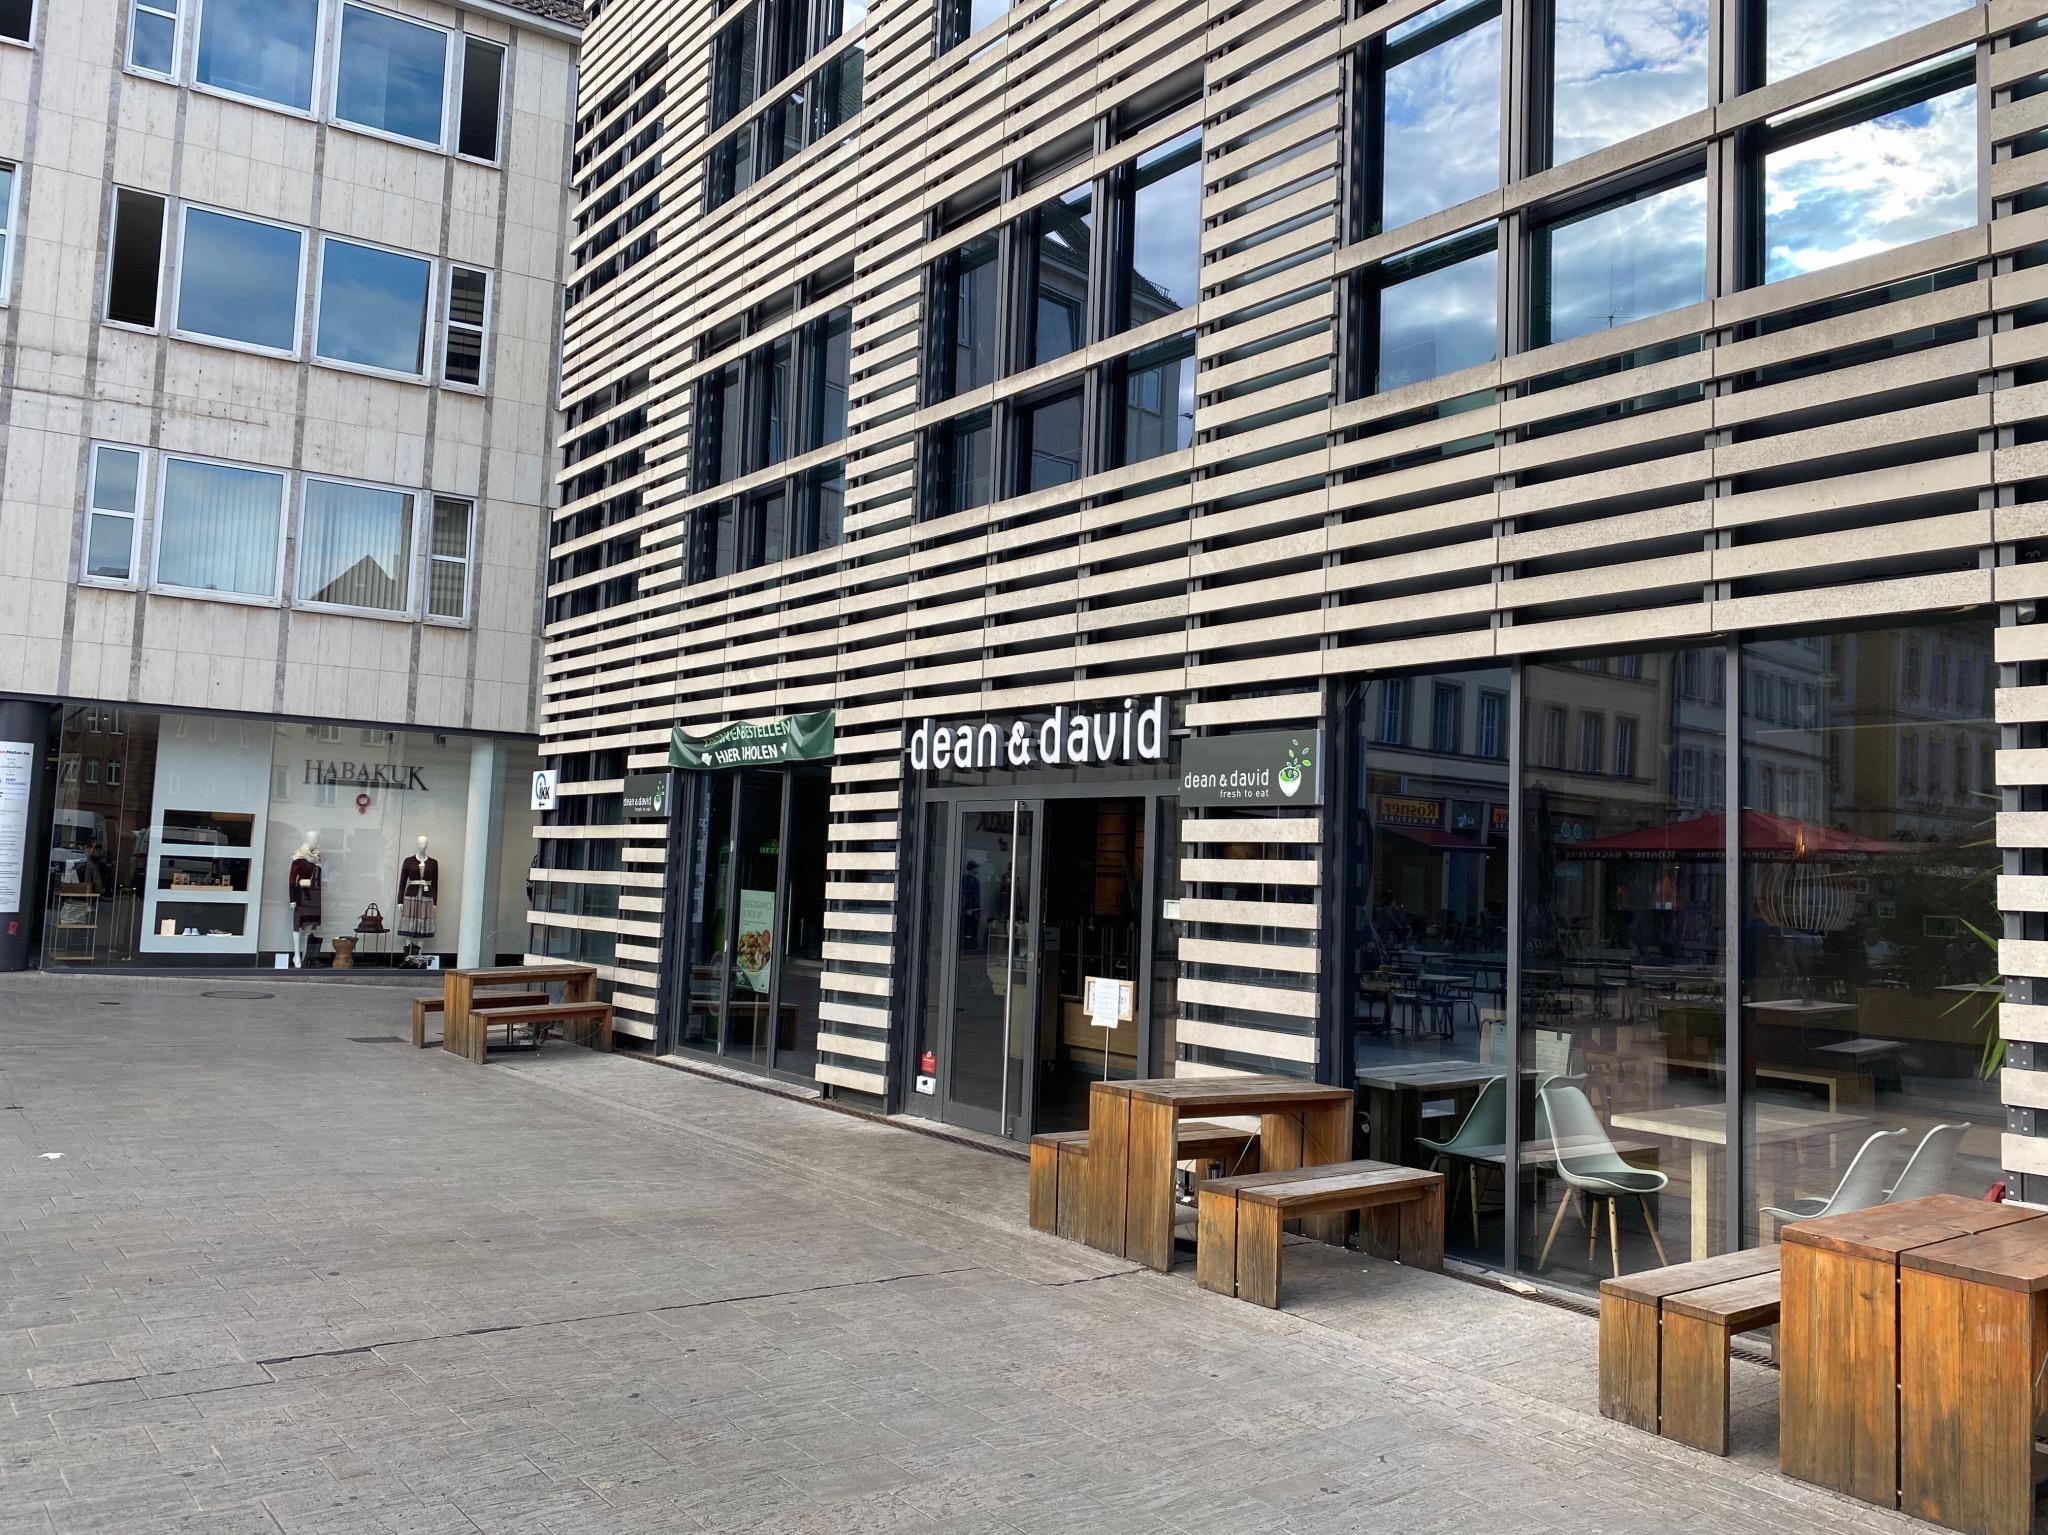 Das Restaurant war in dem Gebäudekomplex am Unteren Markt untergebracht. Die VR-Bank als Eigentümerin lässt den Vertrag nun auslaufen – und begründet das mit dem nicht absehbaren Küchenbetrieb. Foto: Jessica Hänse